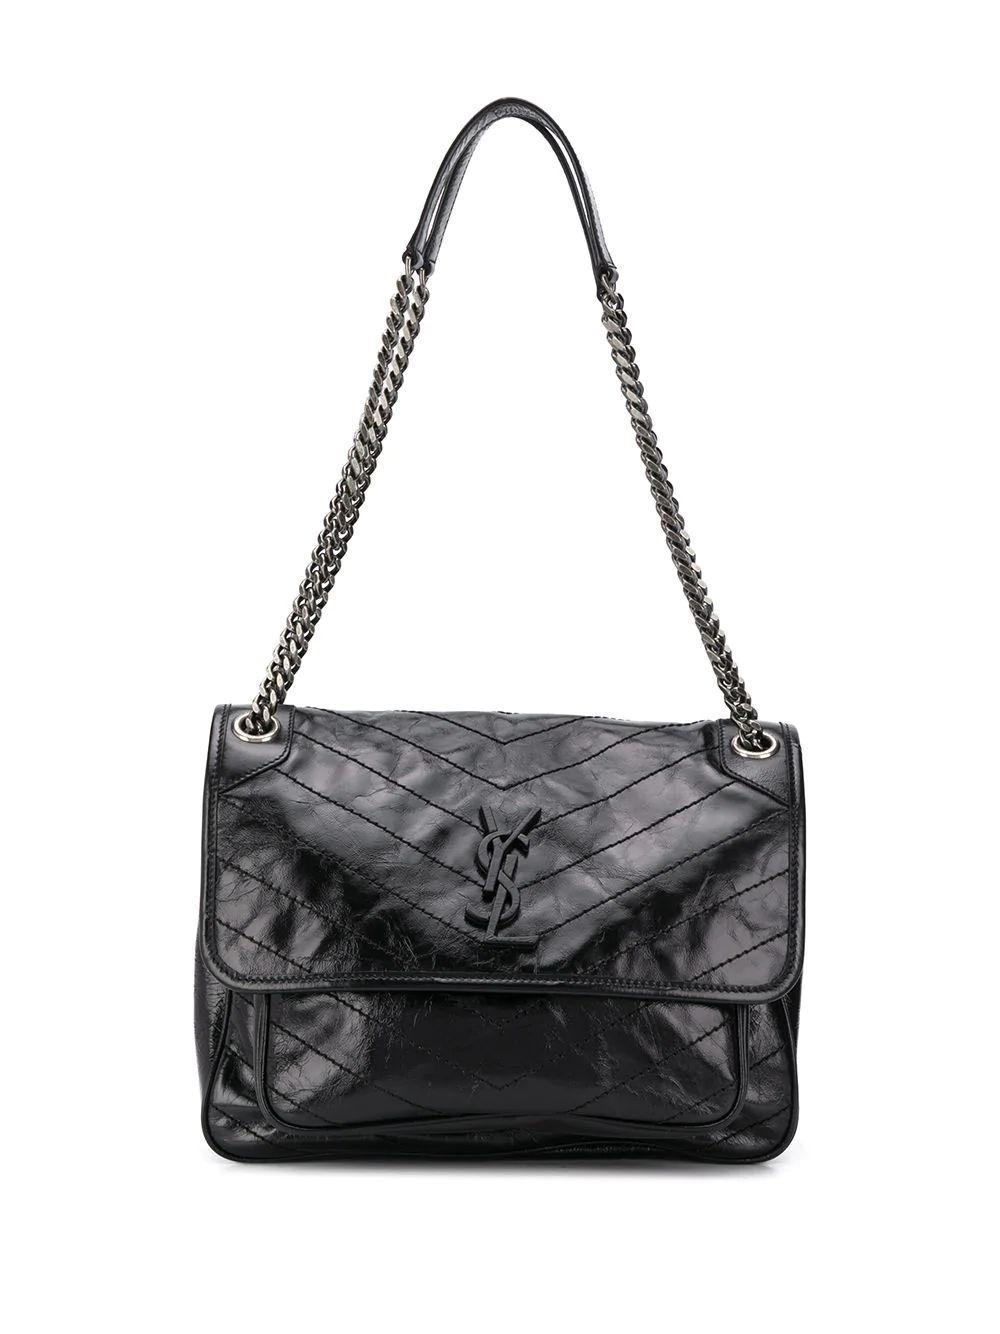 Niki Shoulder Bag Item # 6331580EN04